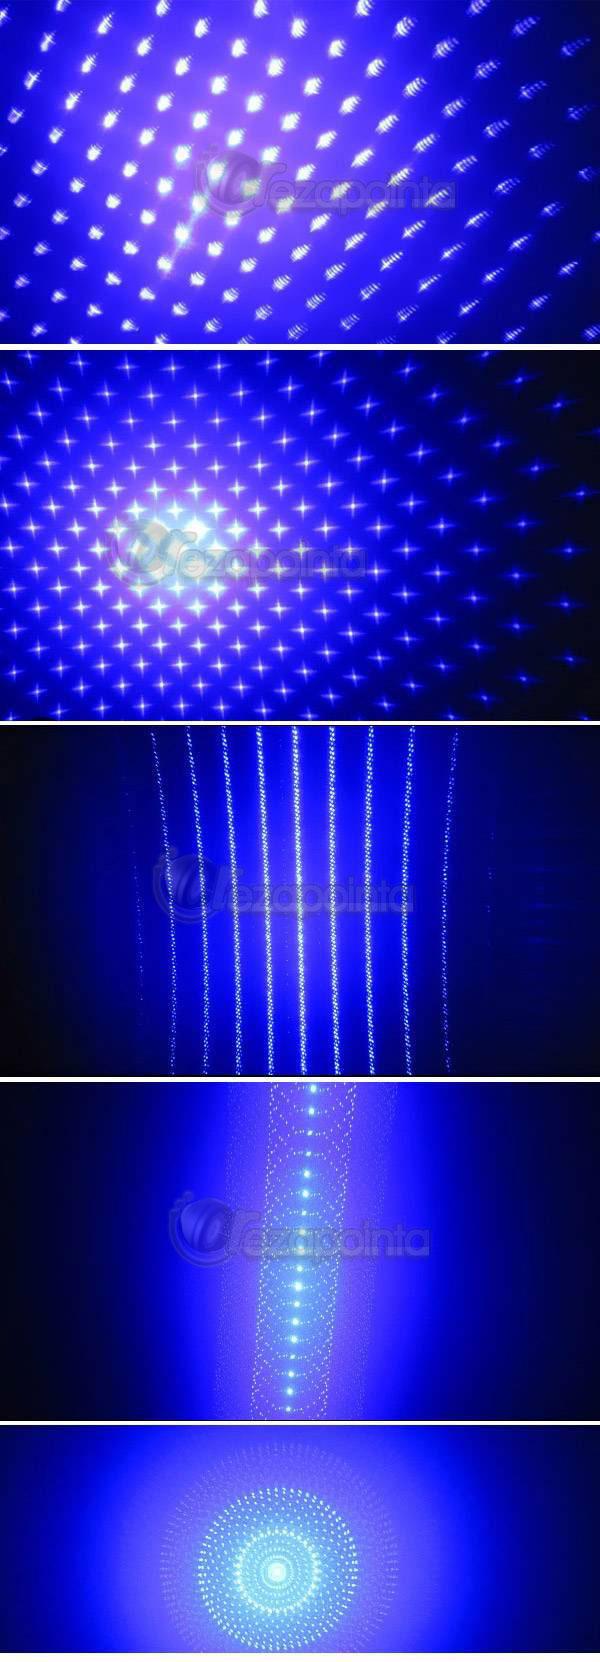 5in1 レーザーペン/レーザー懐中電灯 満天の星空 ブルーバイオレット